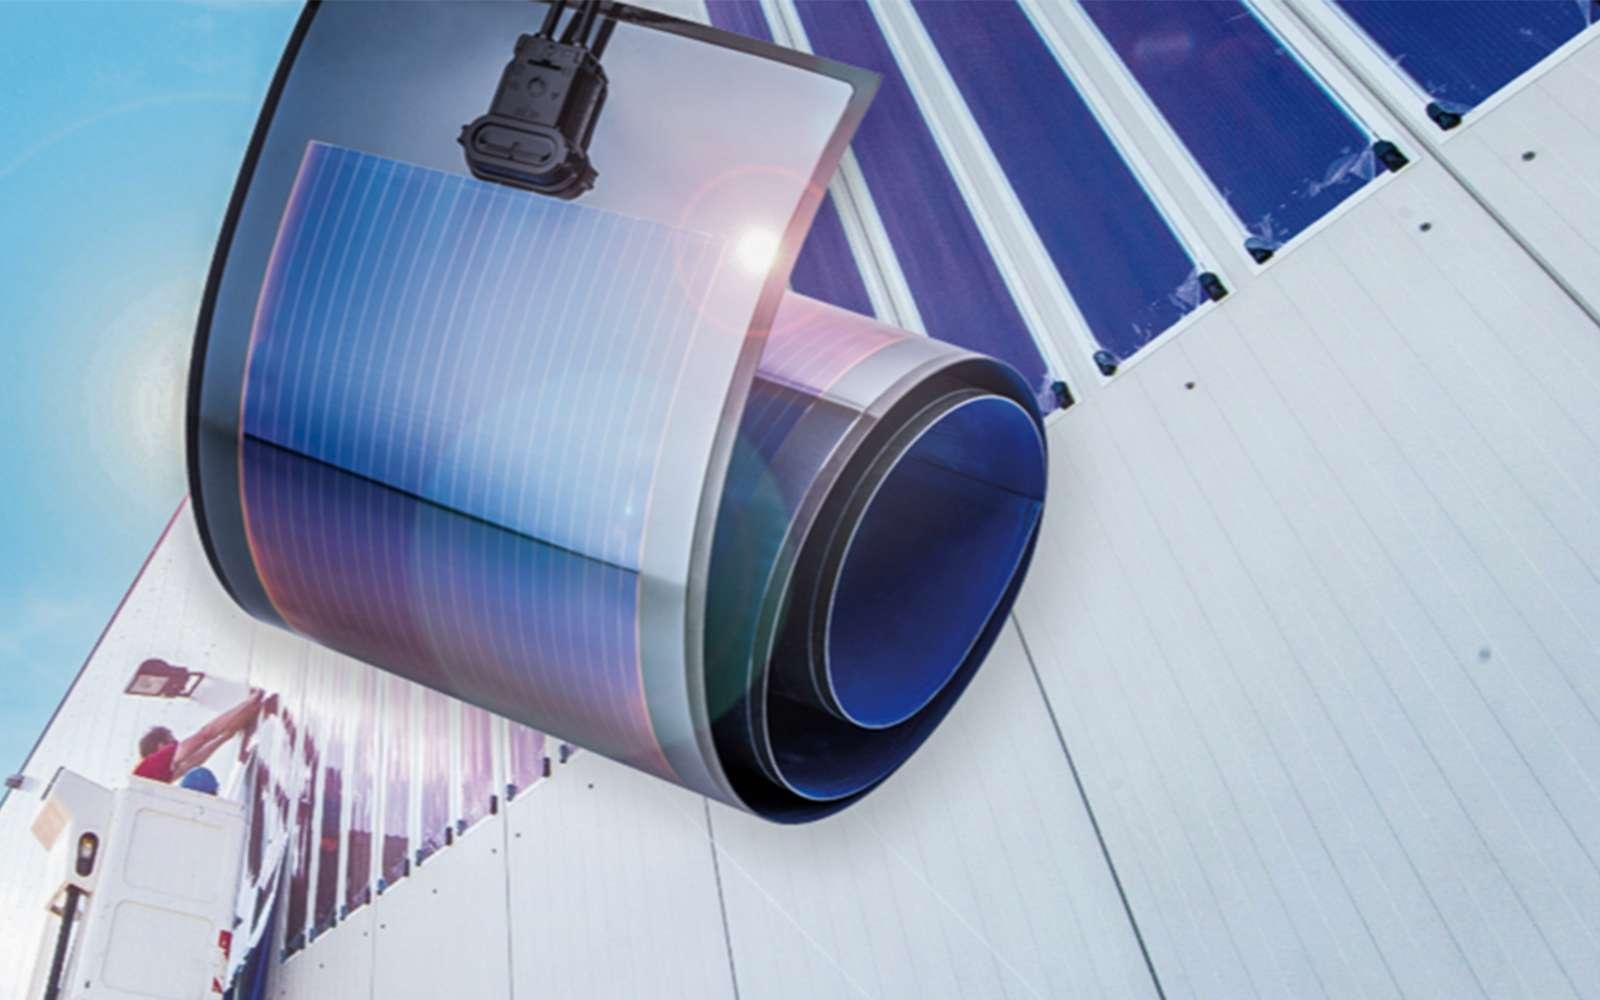 La start-up, Heliatek, crée des panneaux photovoltaïques, légers, souples et autocollants. © Héliatek